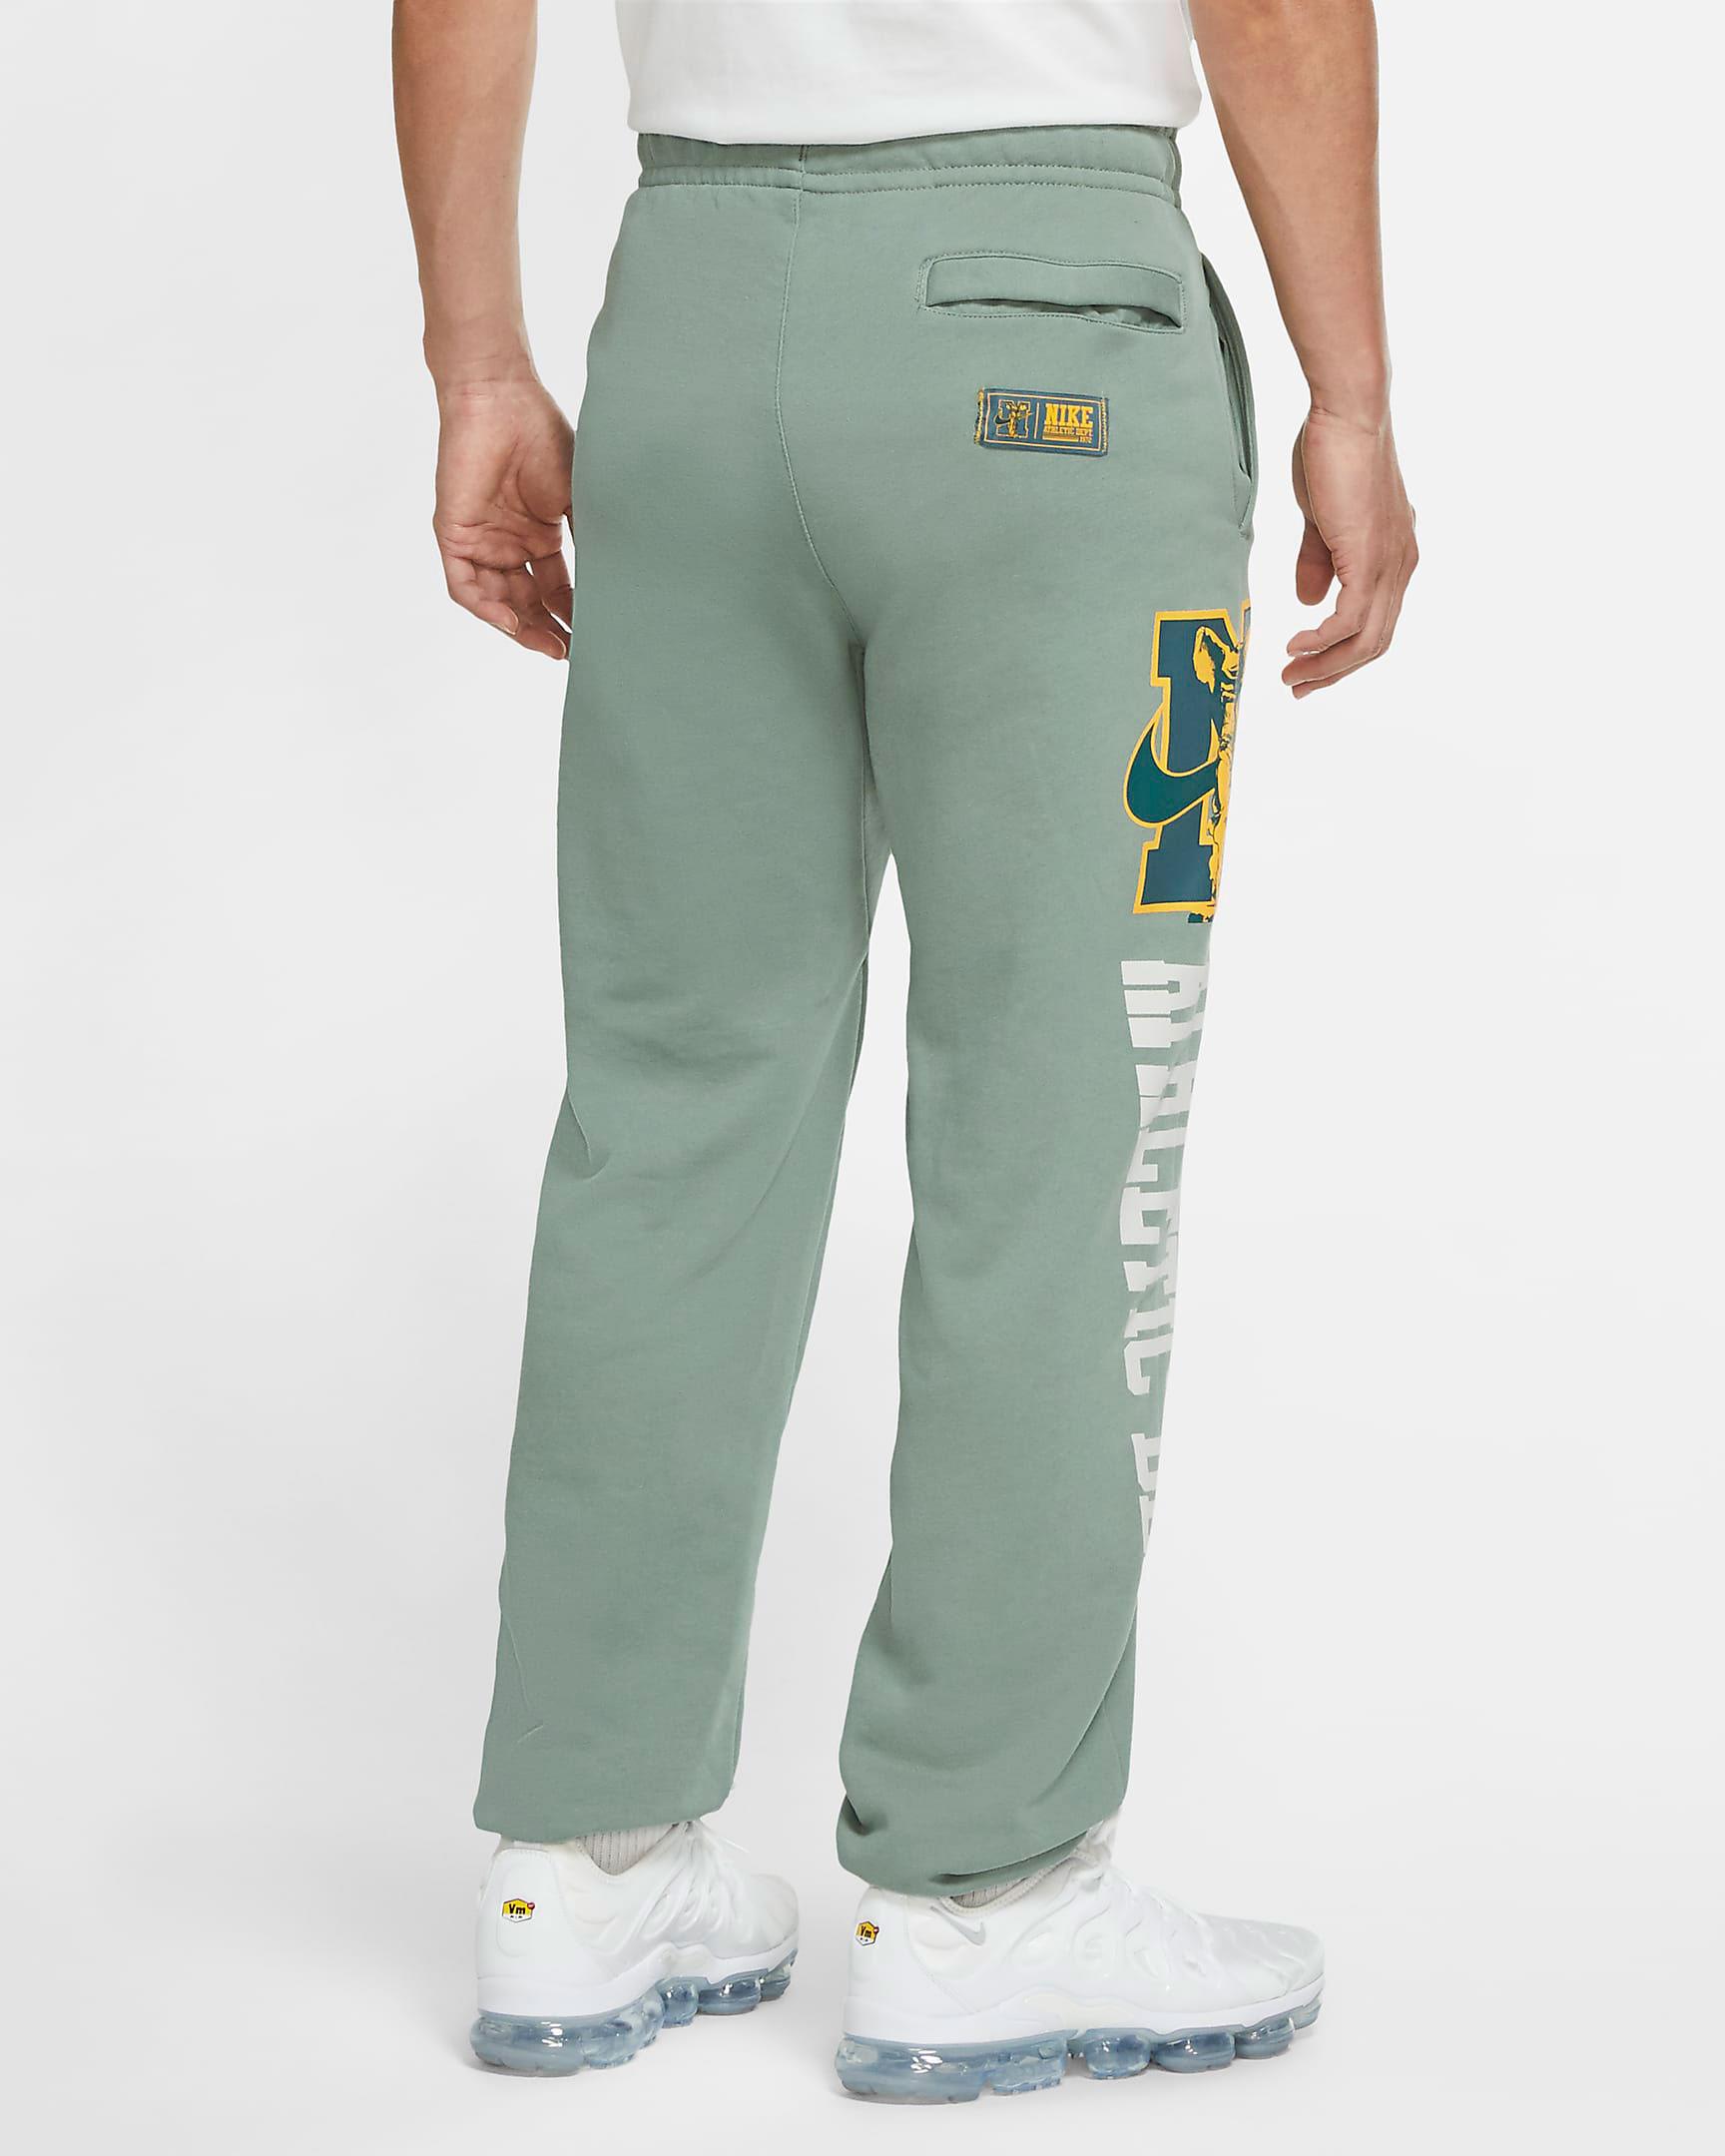 nike-air-max-1-spiral-sage-jogger-pants-2